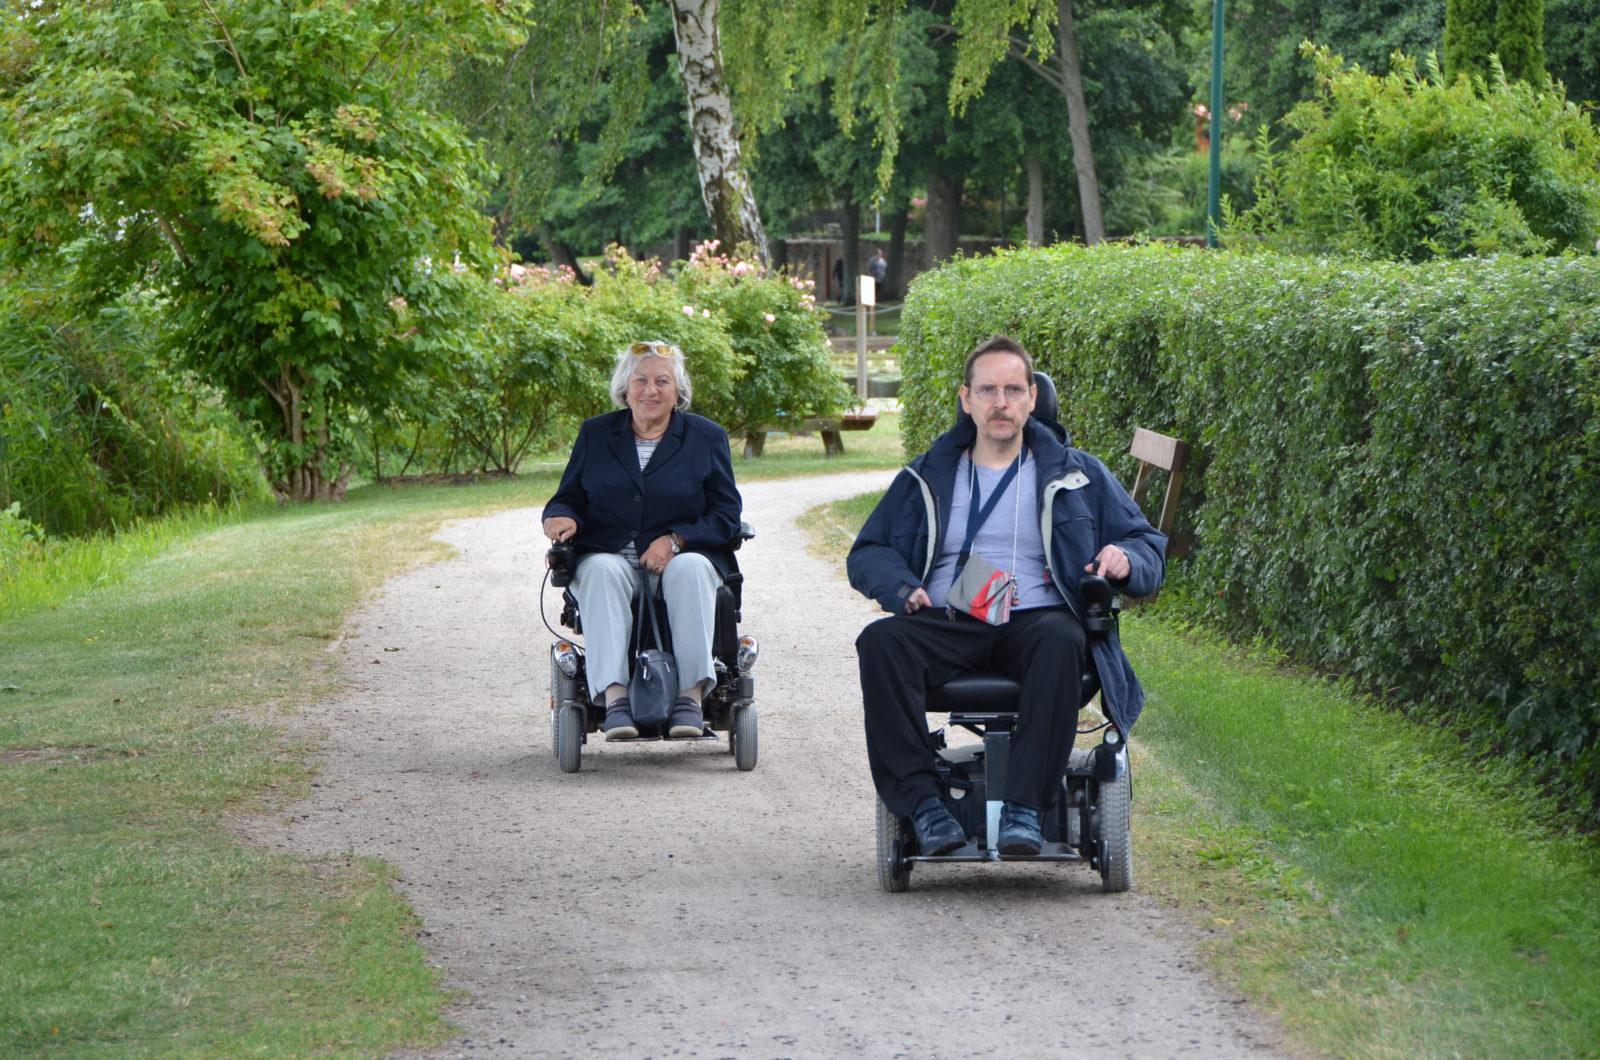 Ein E-Rolli-Fahrer und eine E-Rolli-Fahrerin fahren auf einem kleinen Fahrradweg auf die Kamera zu und lächeln.